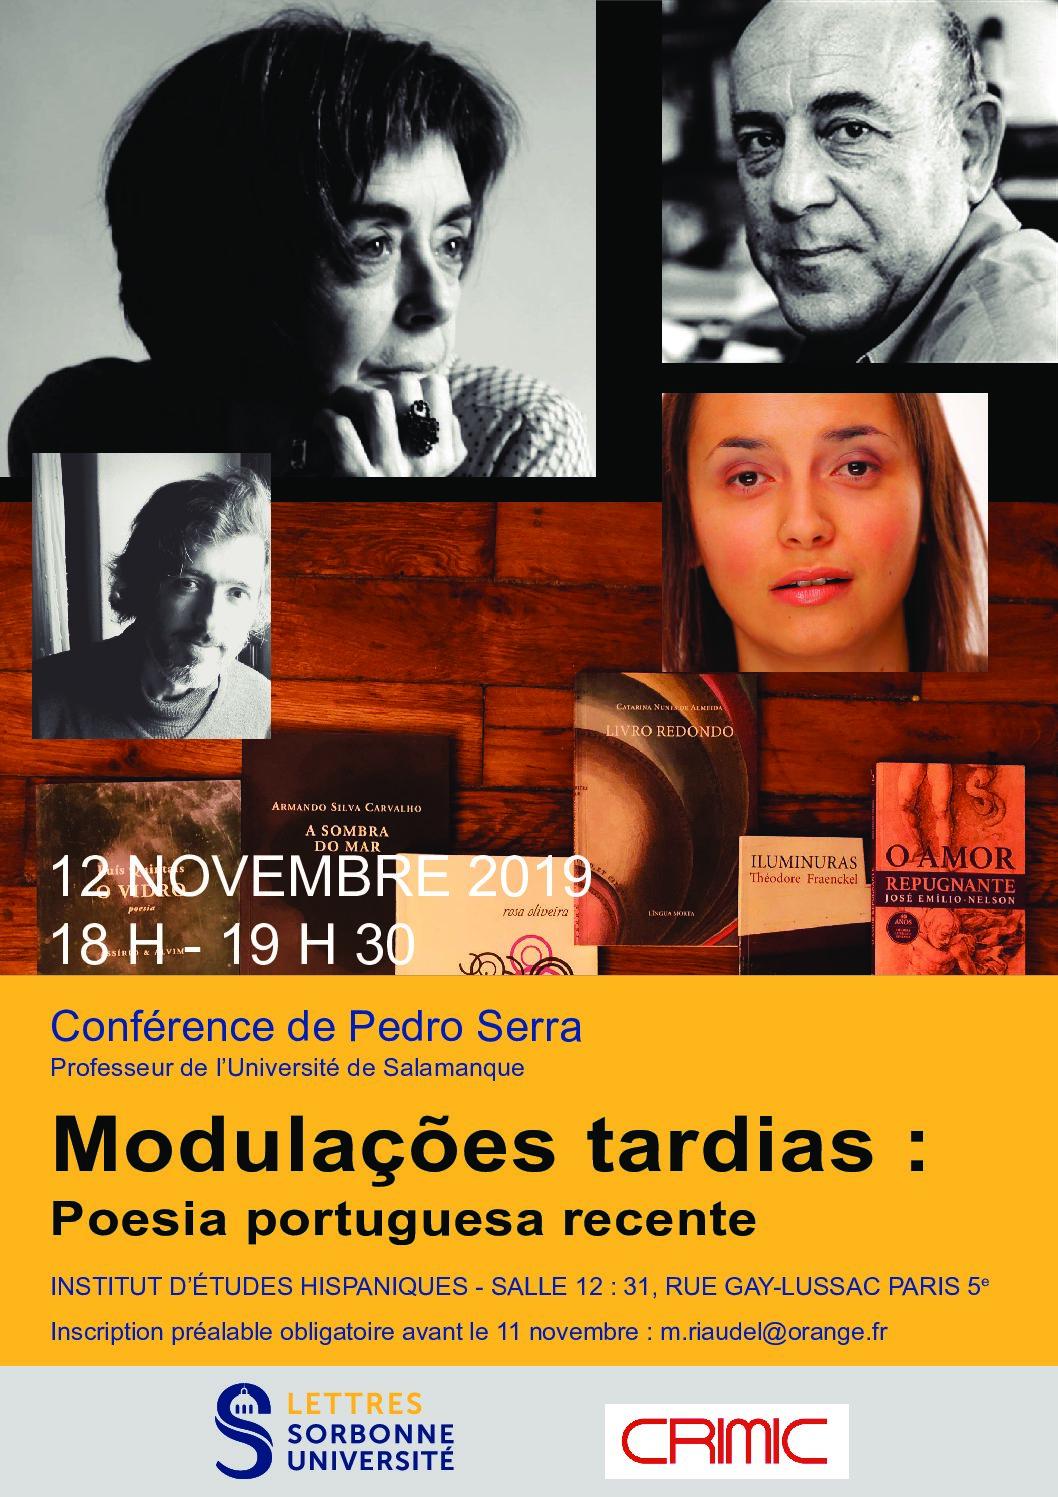 Modulações tardias: poesia portuguesa recente